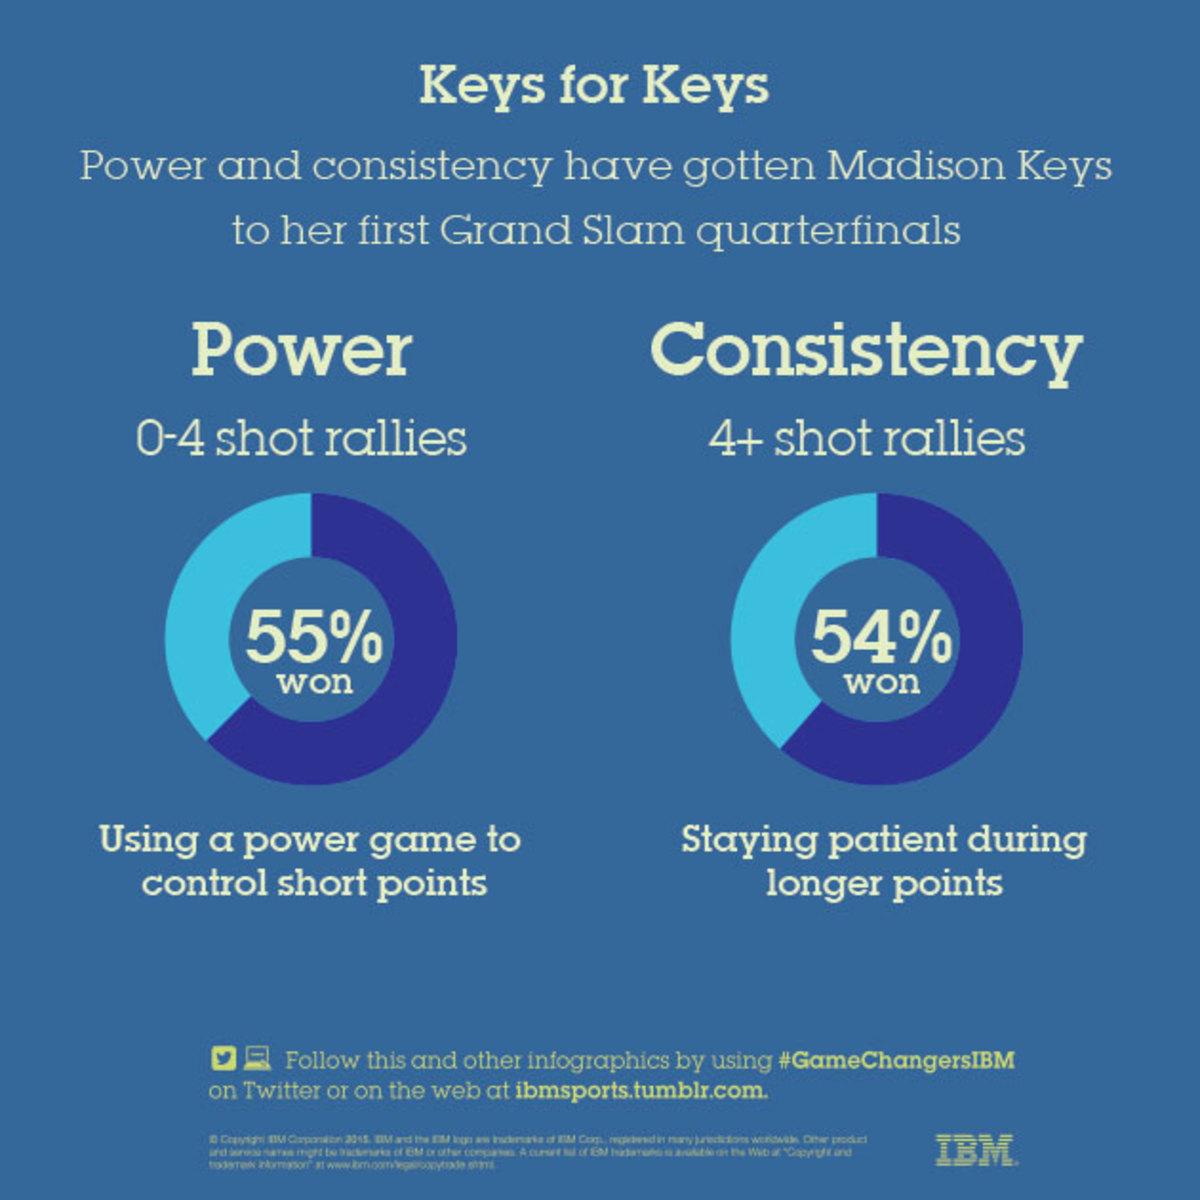 keys-for-keys2_1.jpg